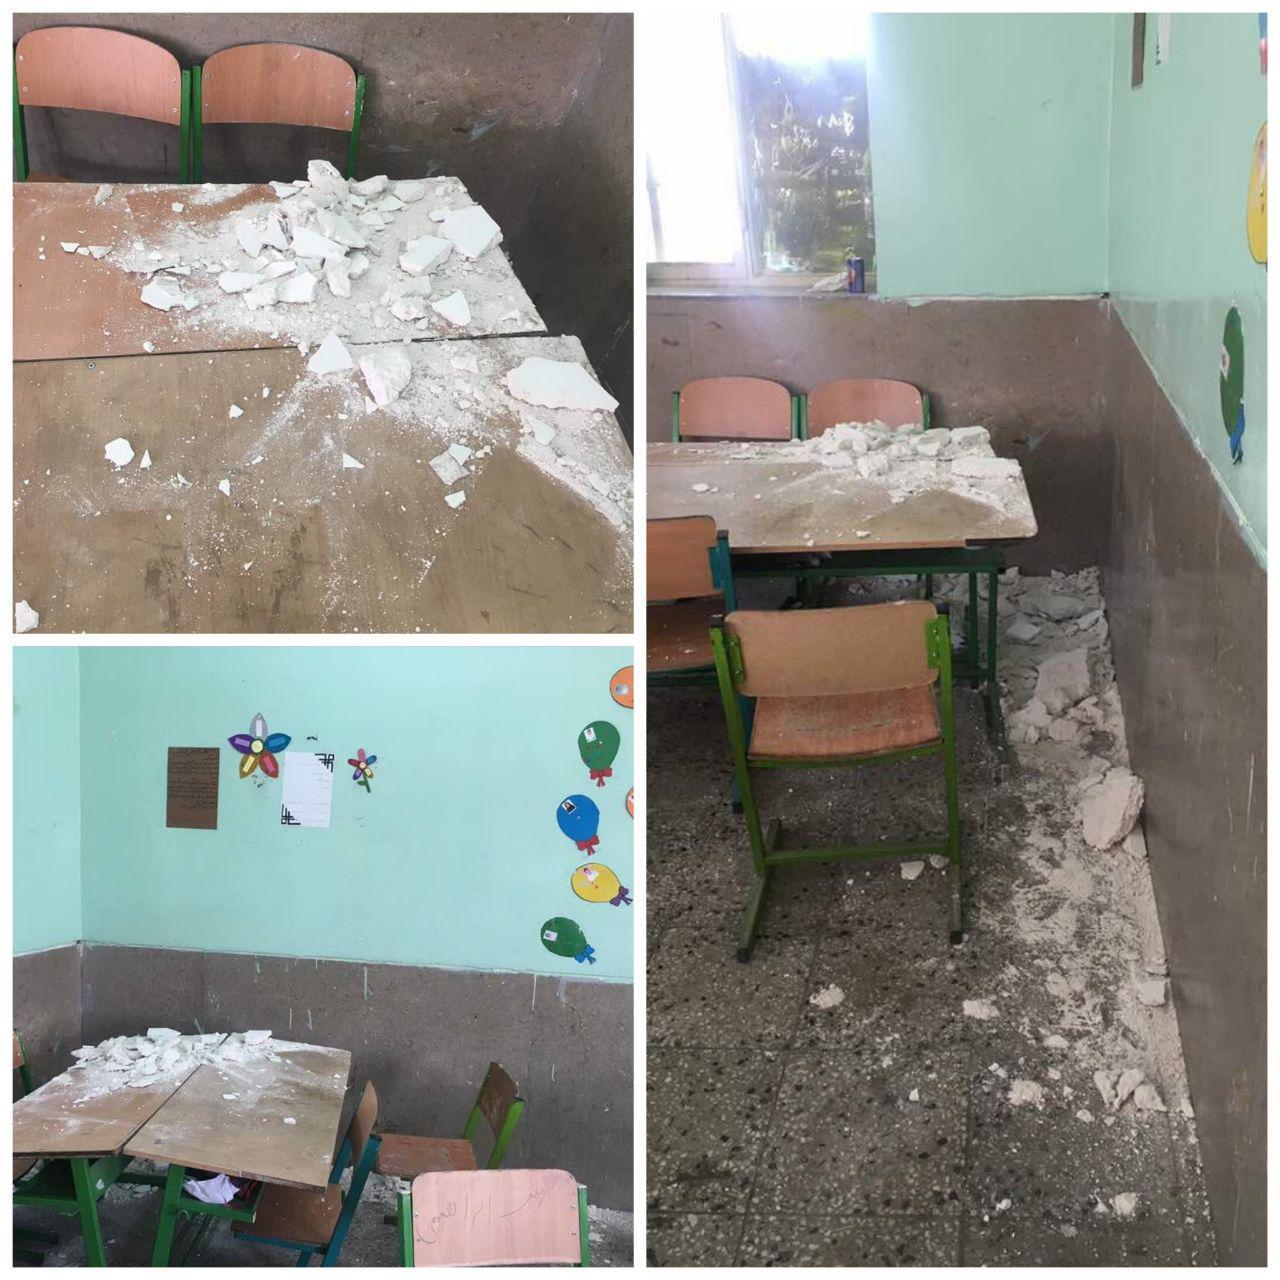 up 823f56e583d91133abc4b0dc5e5084e7 عکس/ریزش سقف مدرسه ای در «دیر» بوشهر   حوادث سلامت